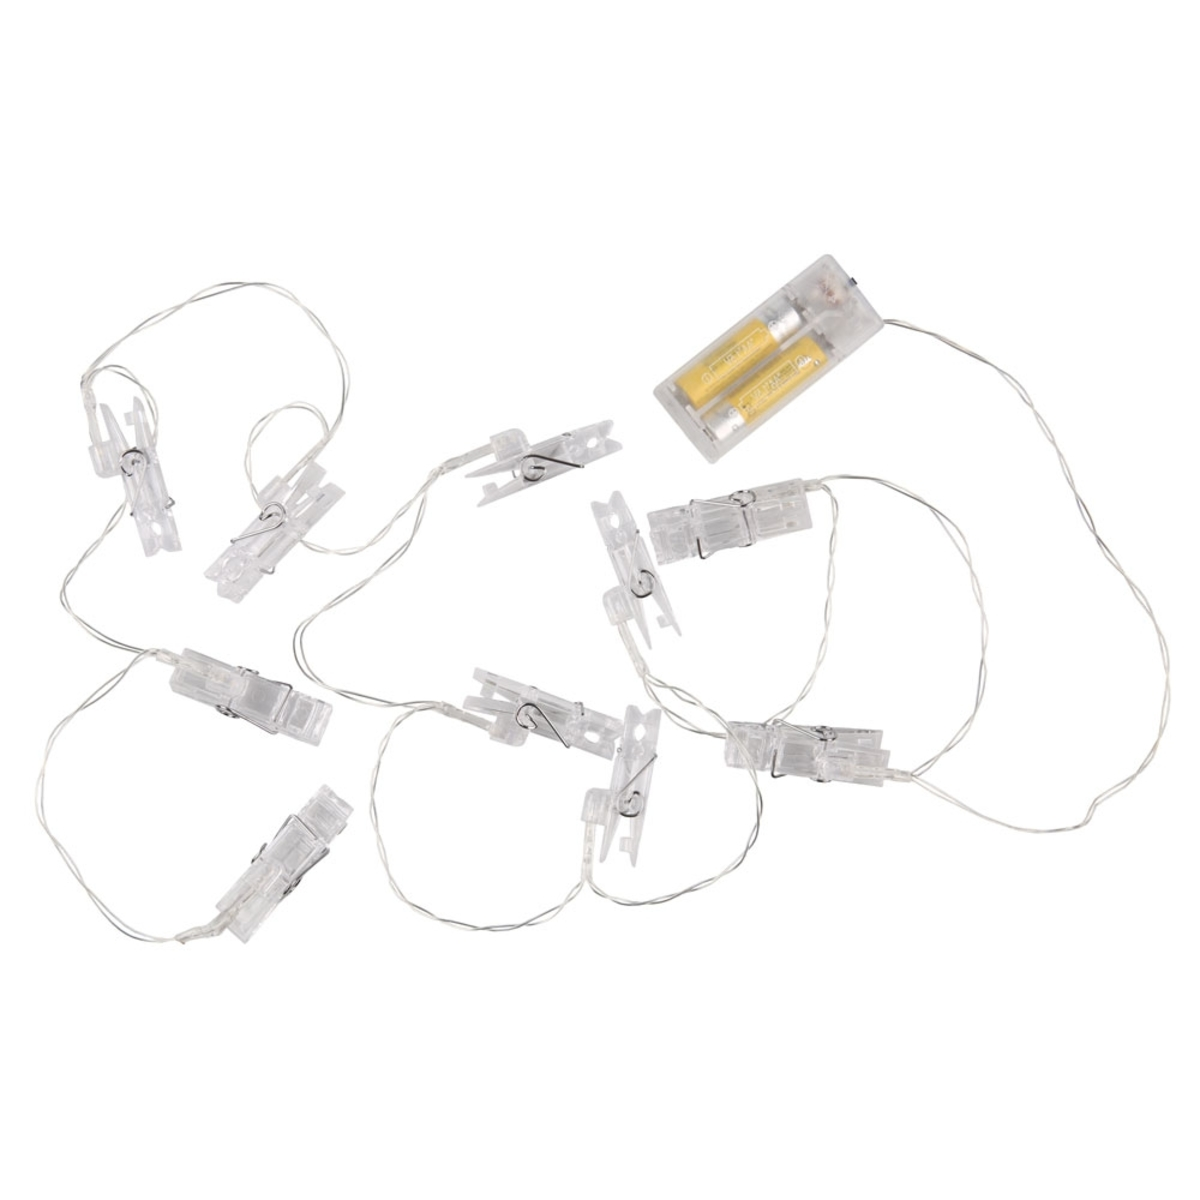 Bild 3 von Lichterkette, Wäscheklammern, LED, 165 cm